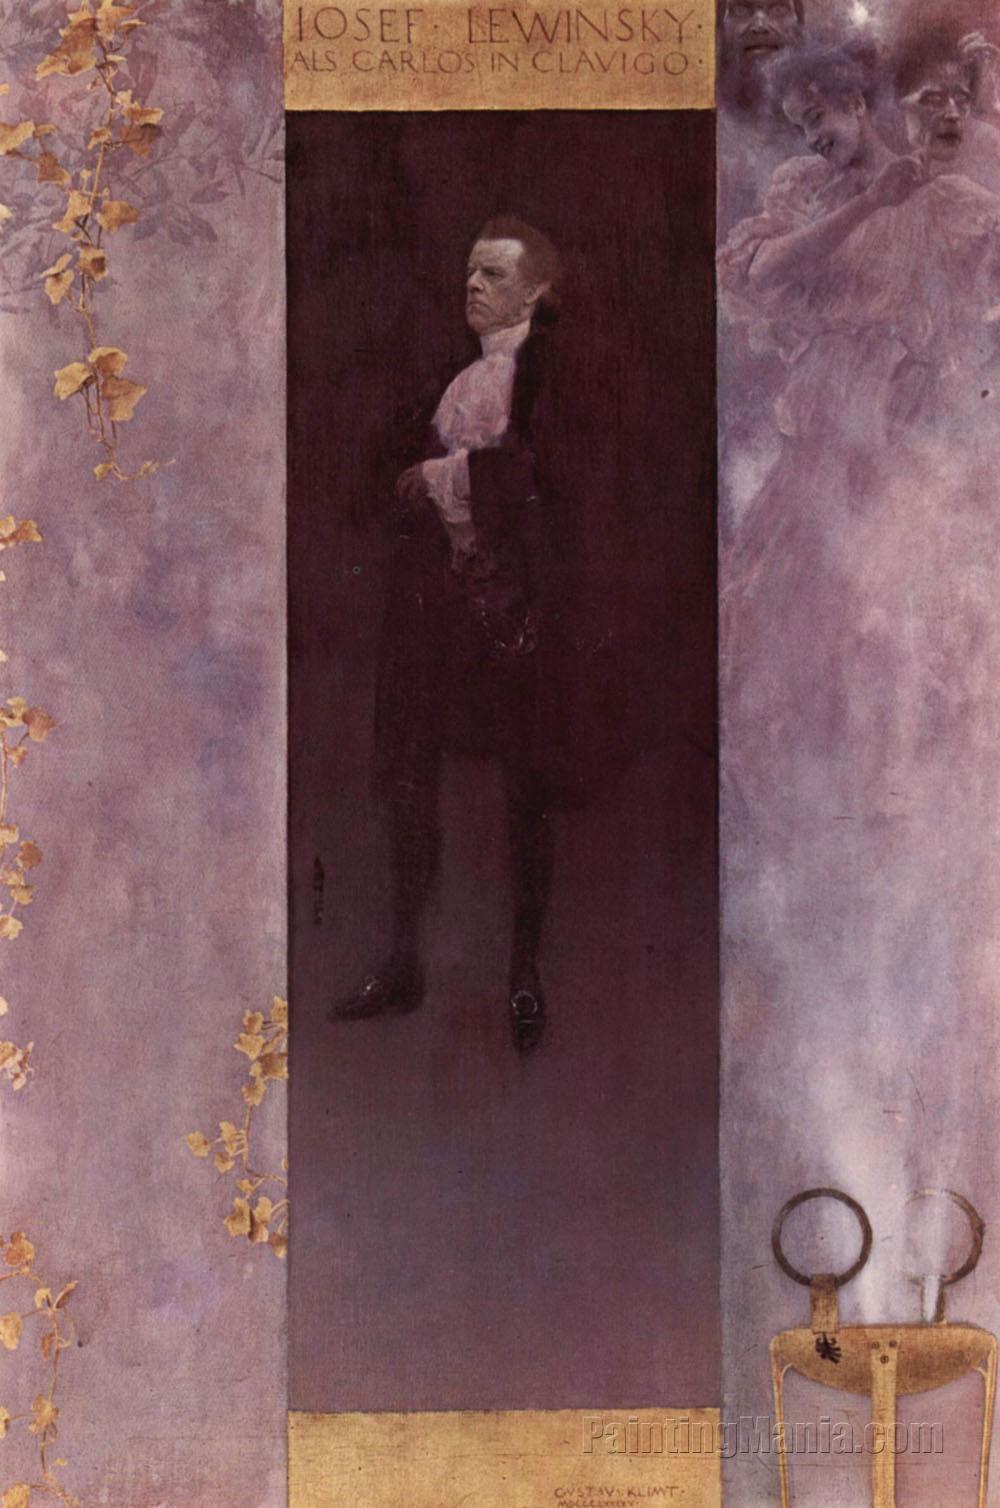 Portrait of Josef Lewinsky